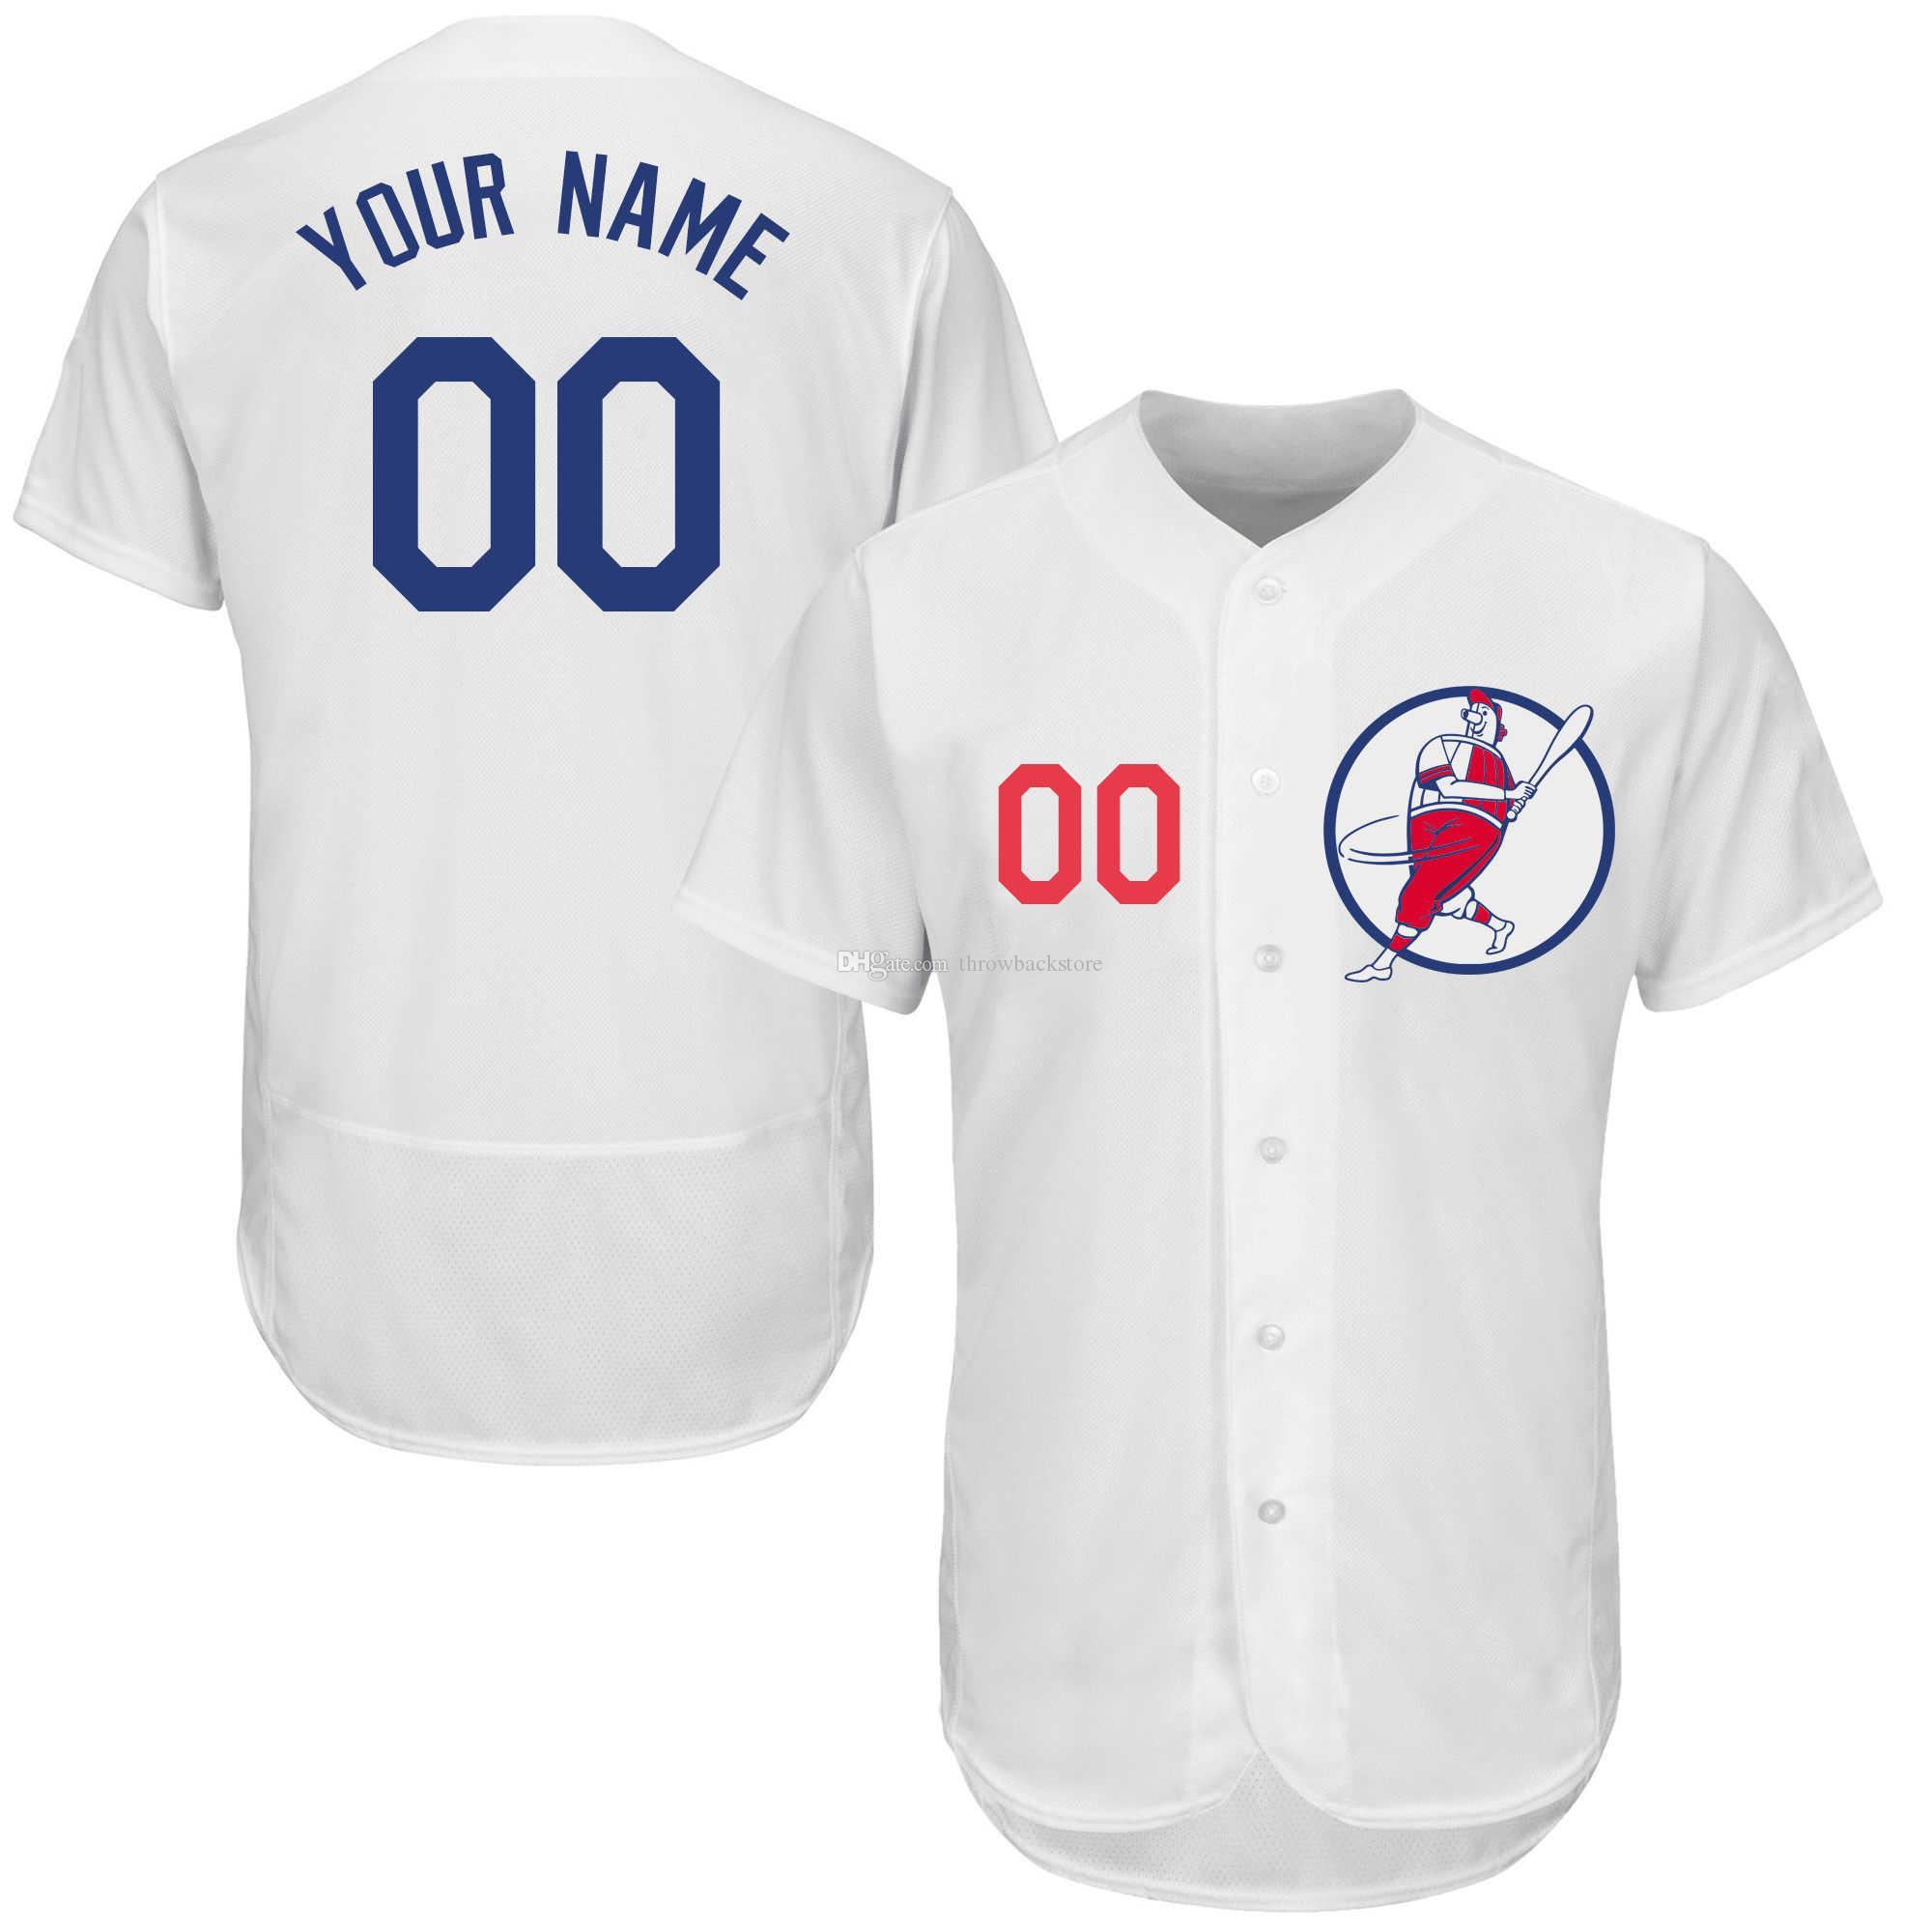 cb1398f11 2019 Men 2019 Custom Baseball Jerseys Size S XXXL Any Name Any ...